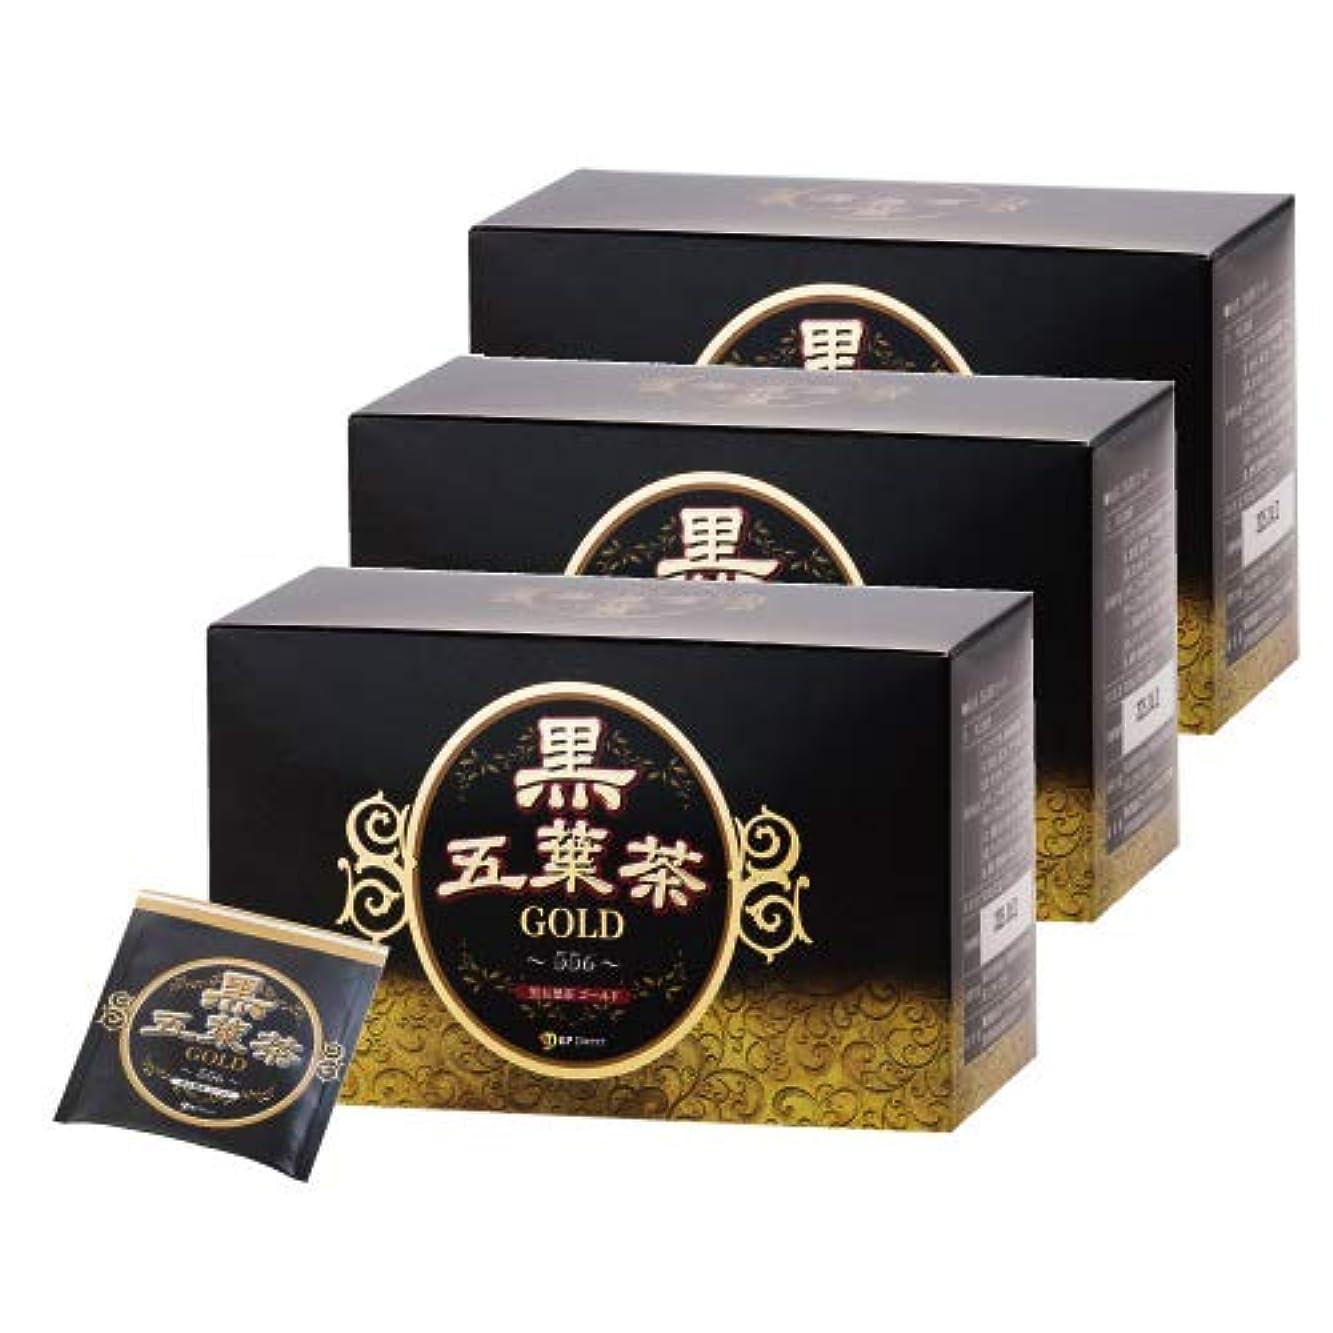 くぼみ遅れ処方する黒五葉茶ゴールド 30包 3箱セット ダイエット ダイエット茶 ダイエットティー ハーブティー 難消化性デキストリン